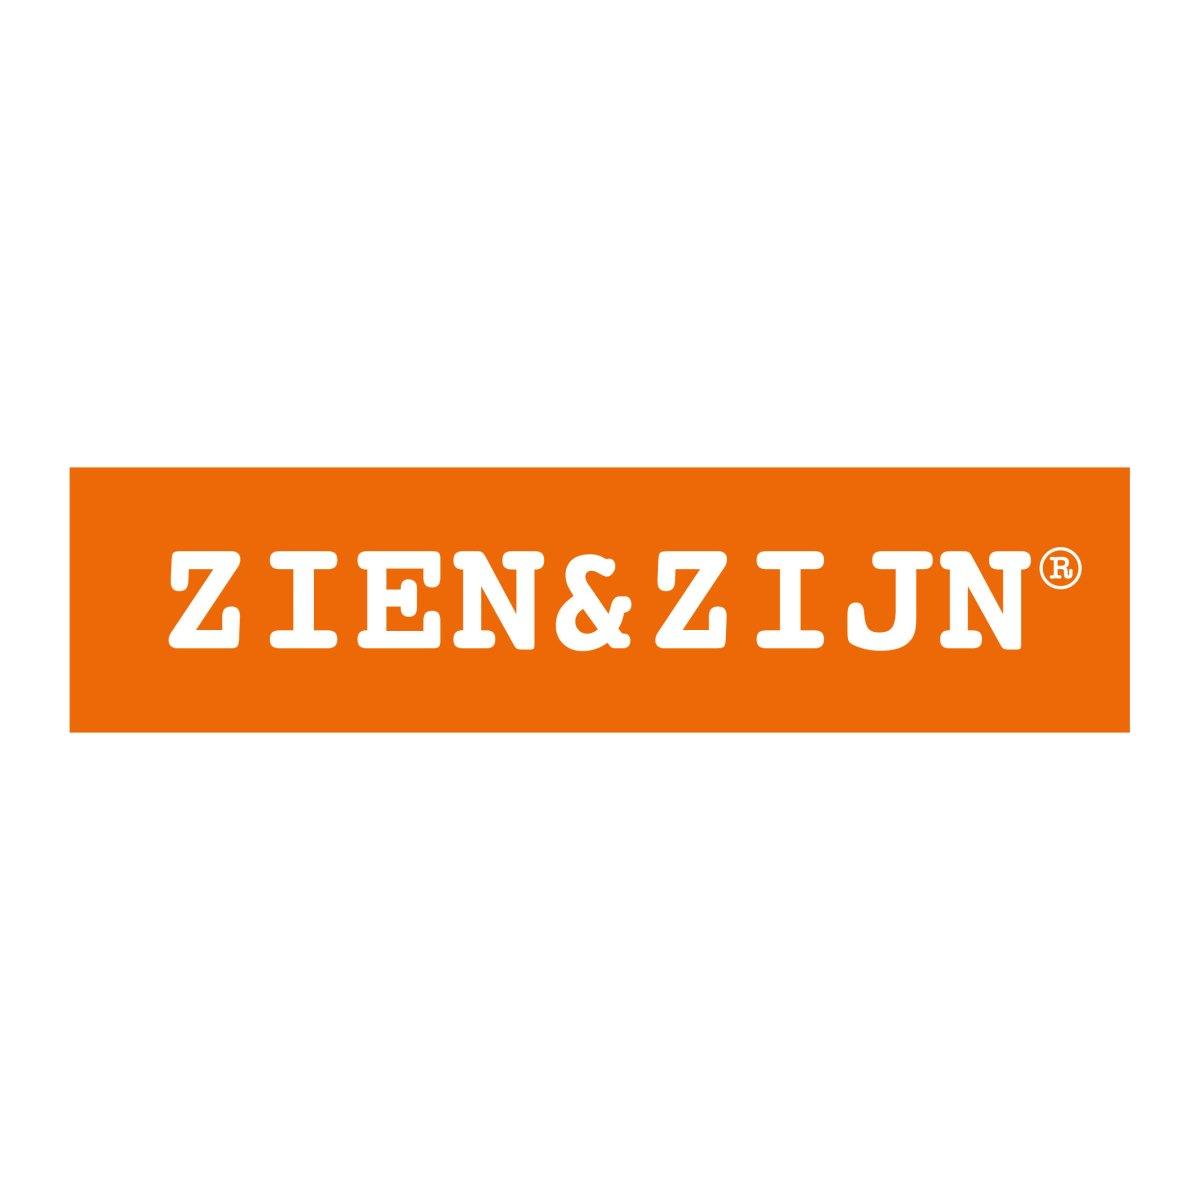 Zien & Zijn - Sponsor - GTV Ammerzoden